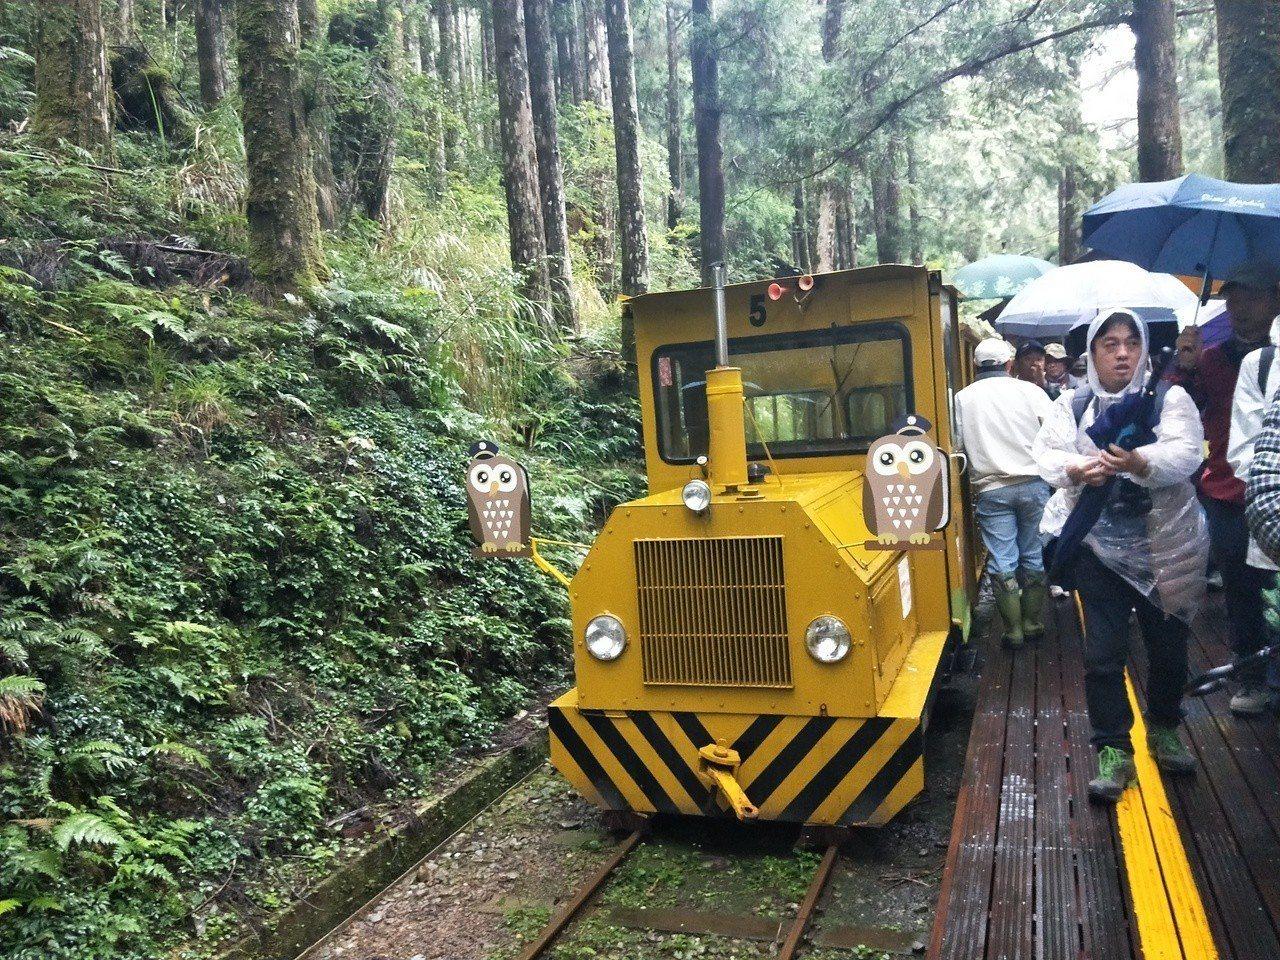 蹦蹦車行駛在鐵道上。記者江婉儀/攝影